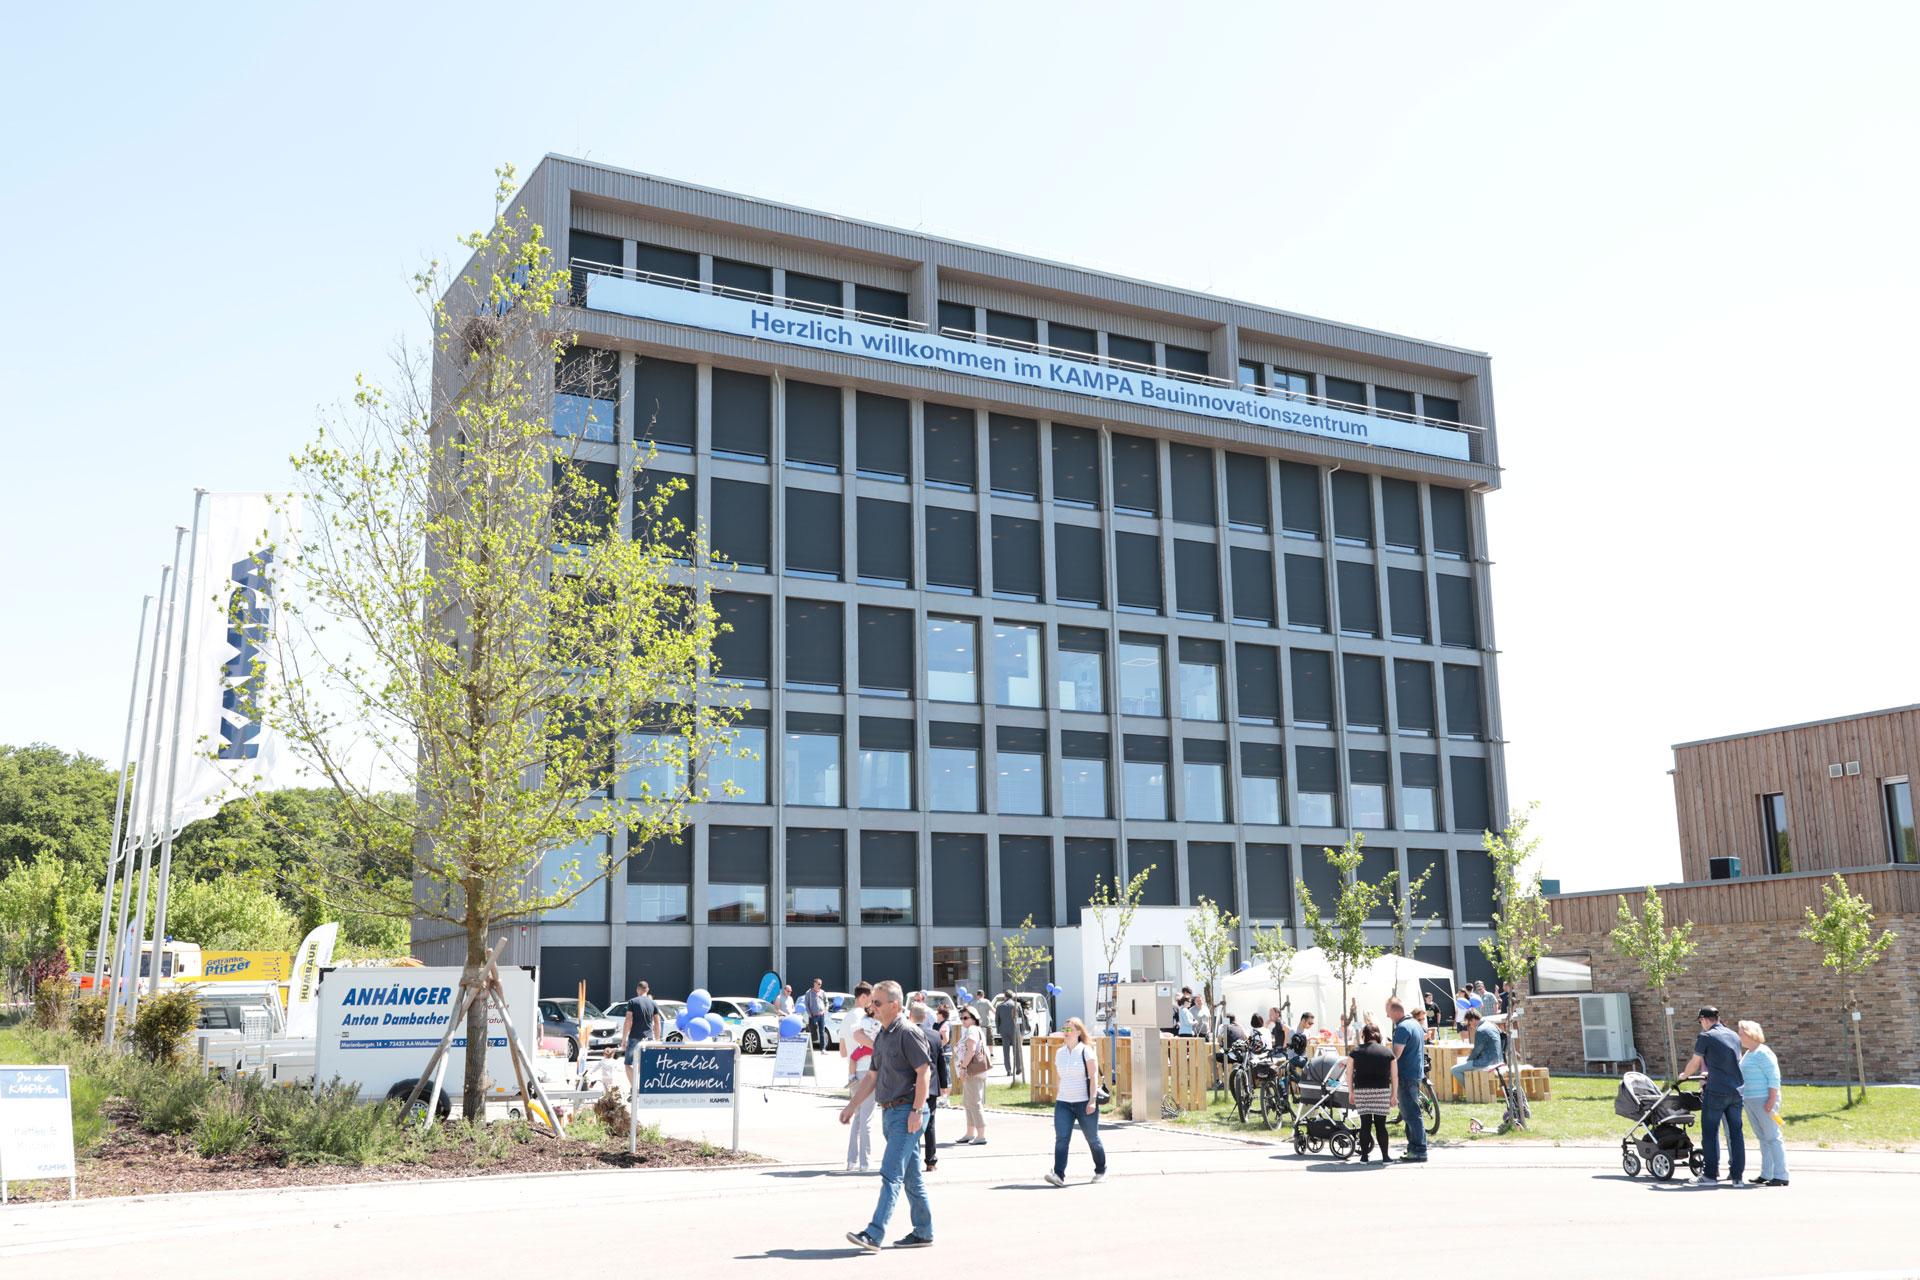 Tag der offenen Tür bei KAMPA - Besuchen Sie das KAMPA Bauinnovationszentrum und das Musterhaus